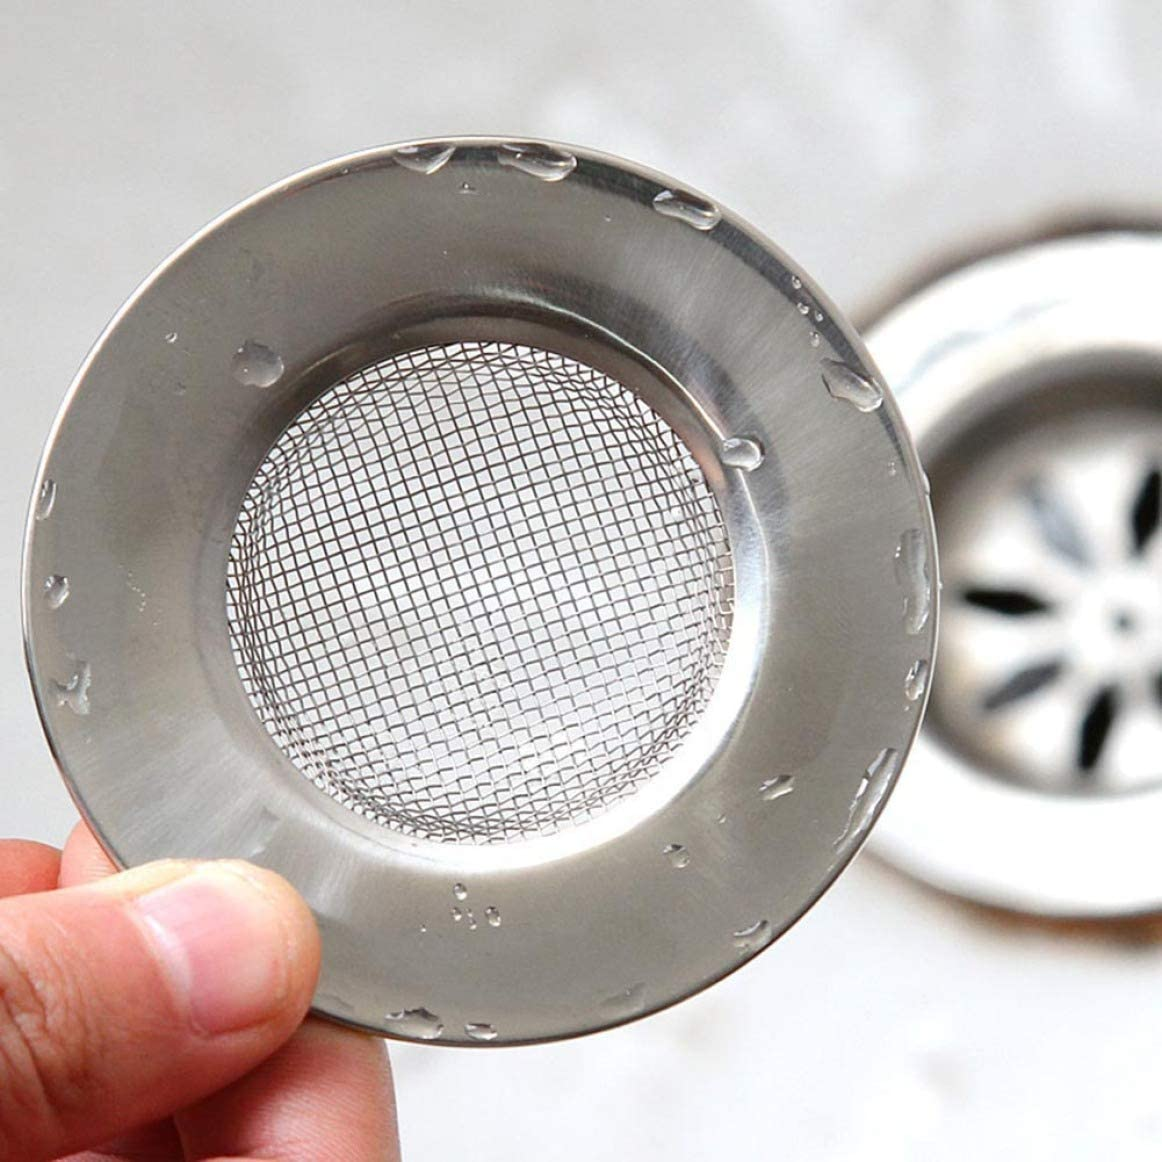 MING Originale Metallo Scarico del Lavandino Colino Rete Cesto Cucina Tappo Cover Anti-bloccaggio SV